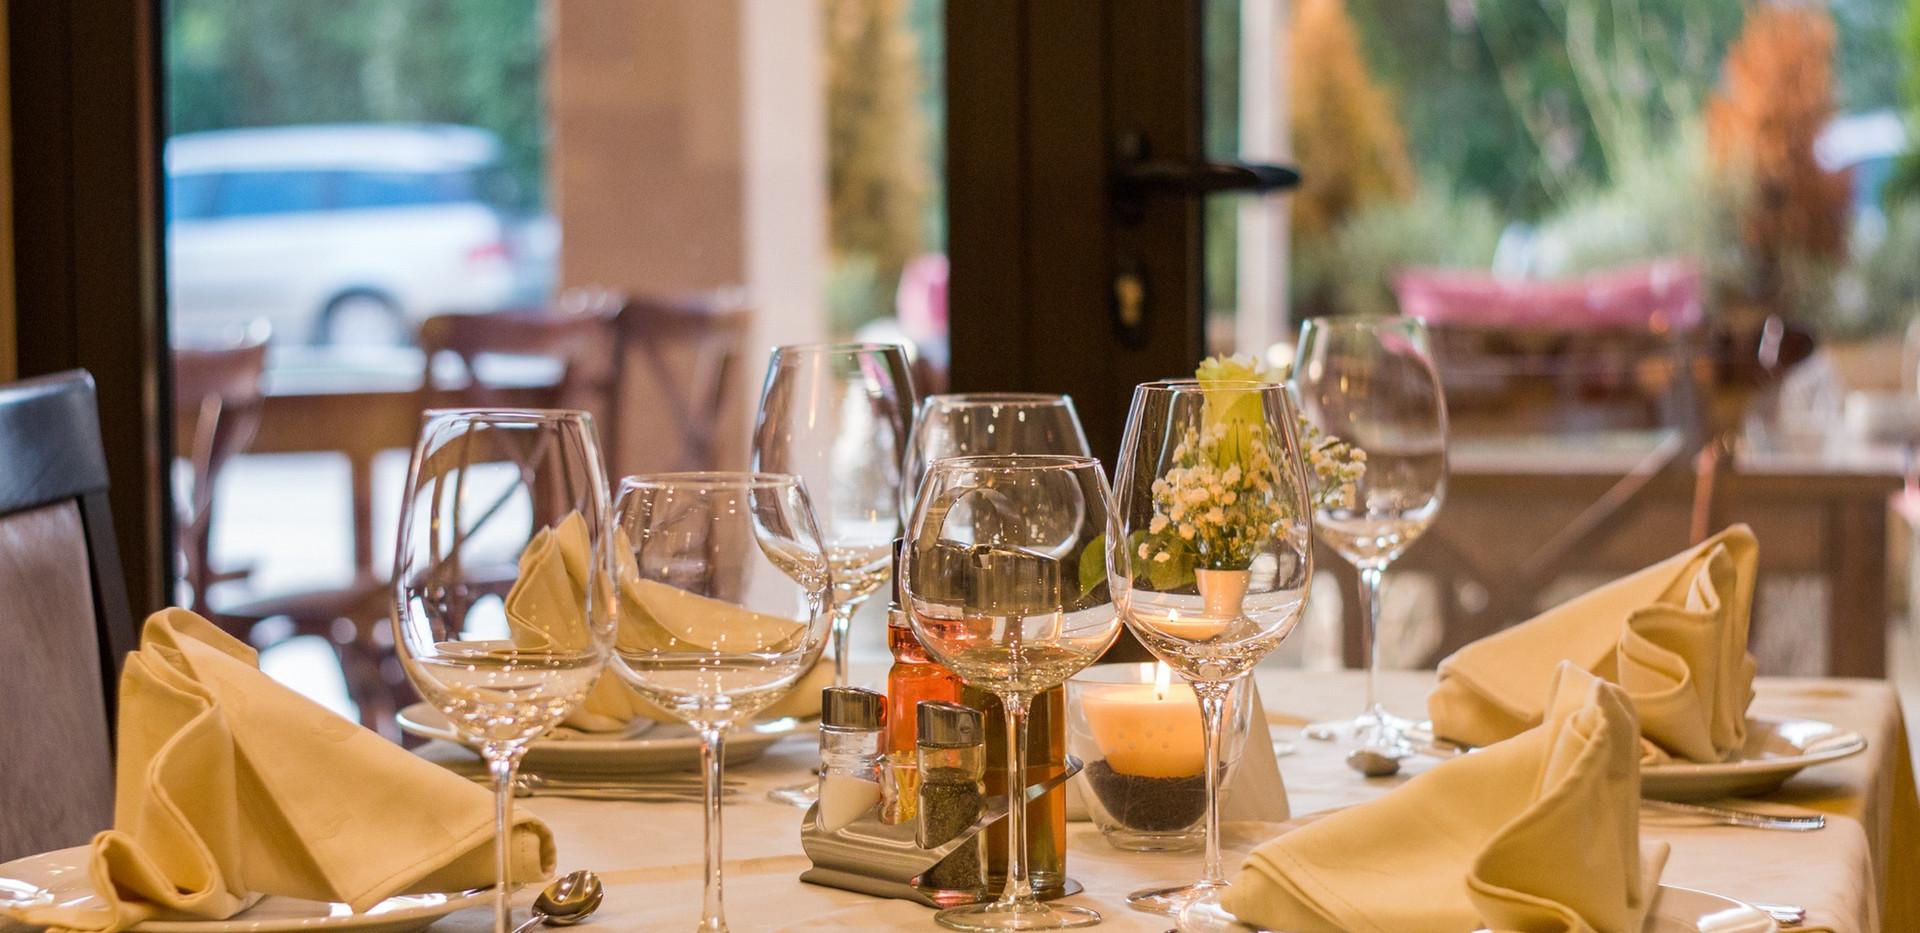 fine-dining-restaurant-table-51115.jpg